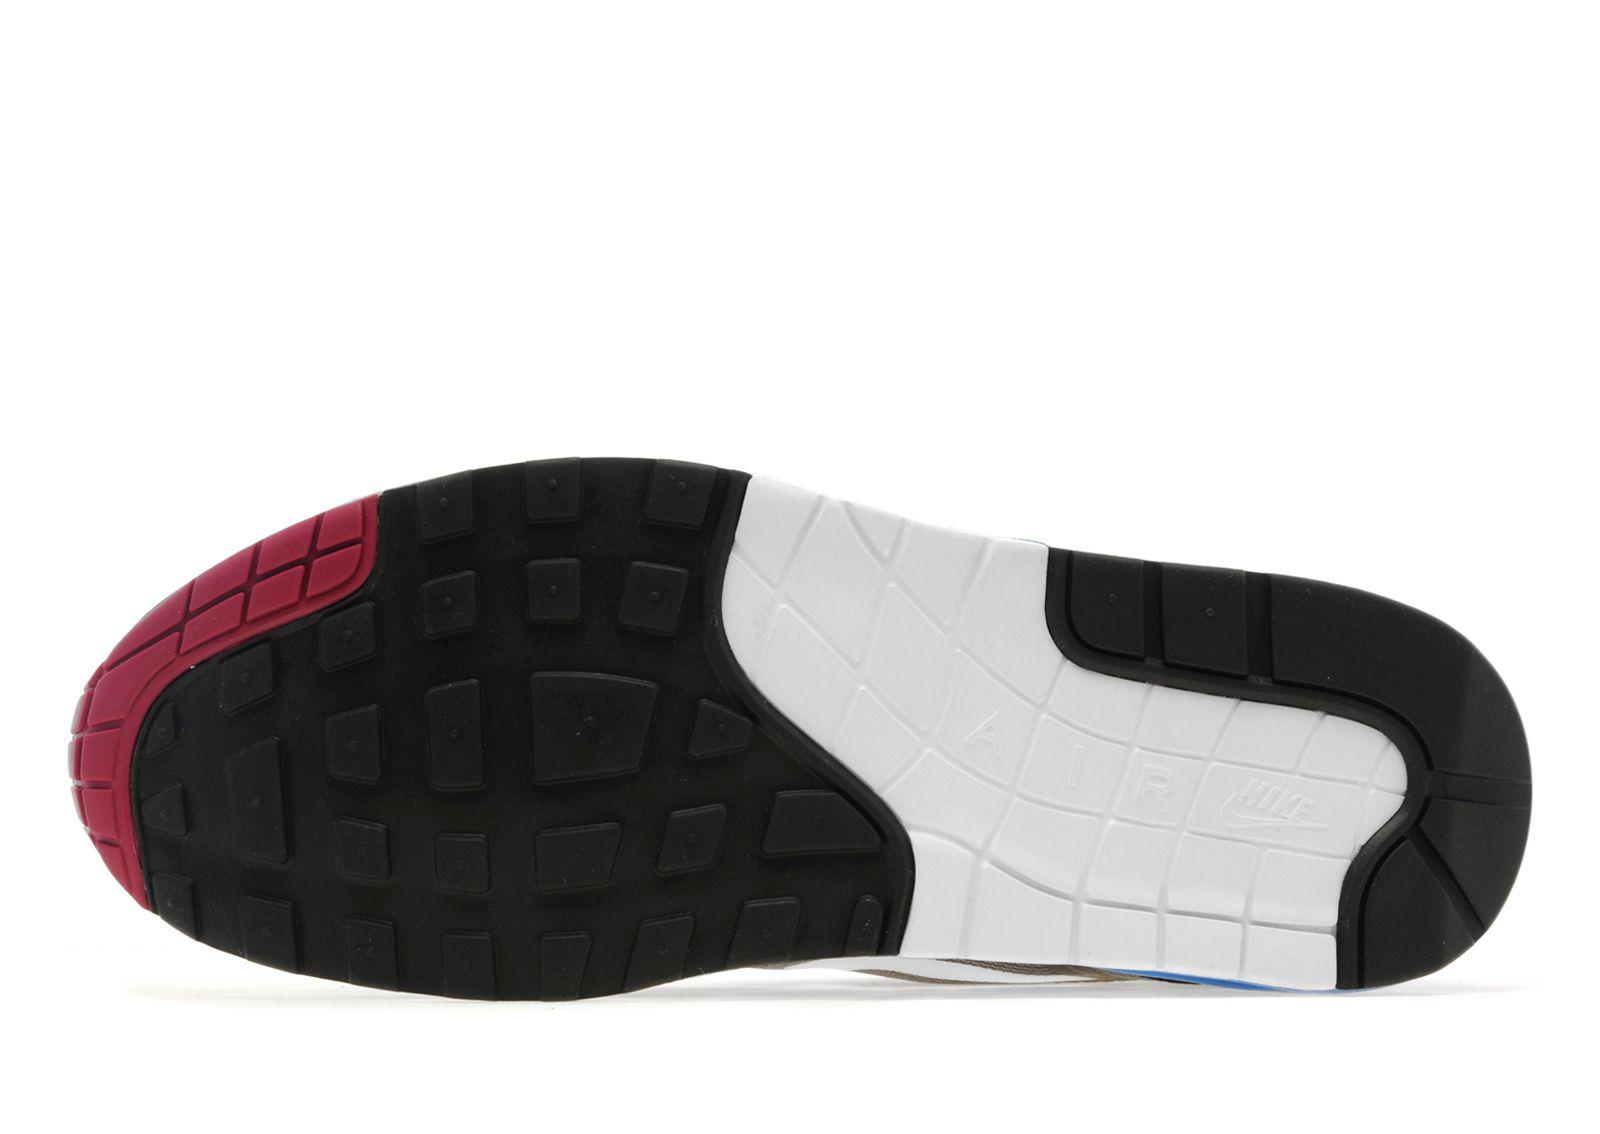 Nike Air Max 1 Comfort 2.0